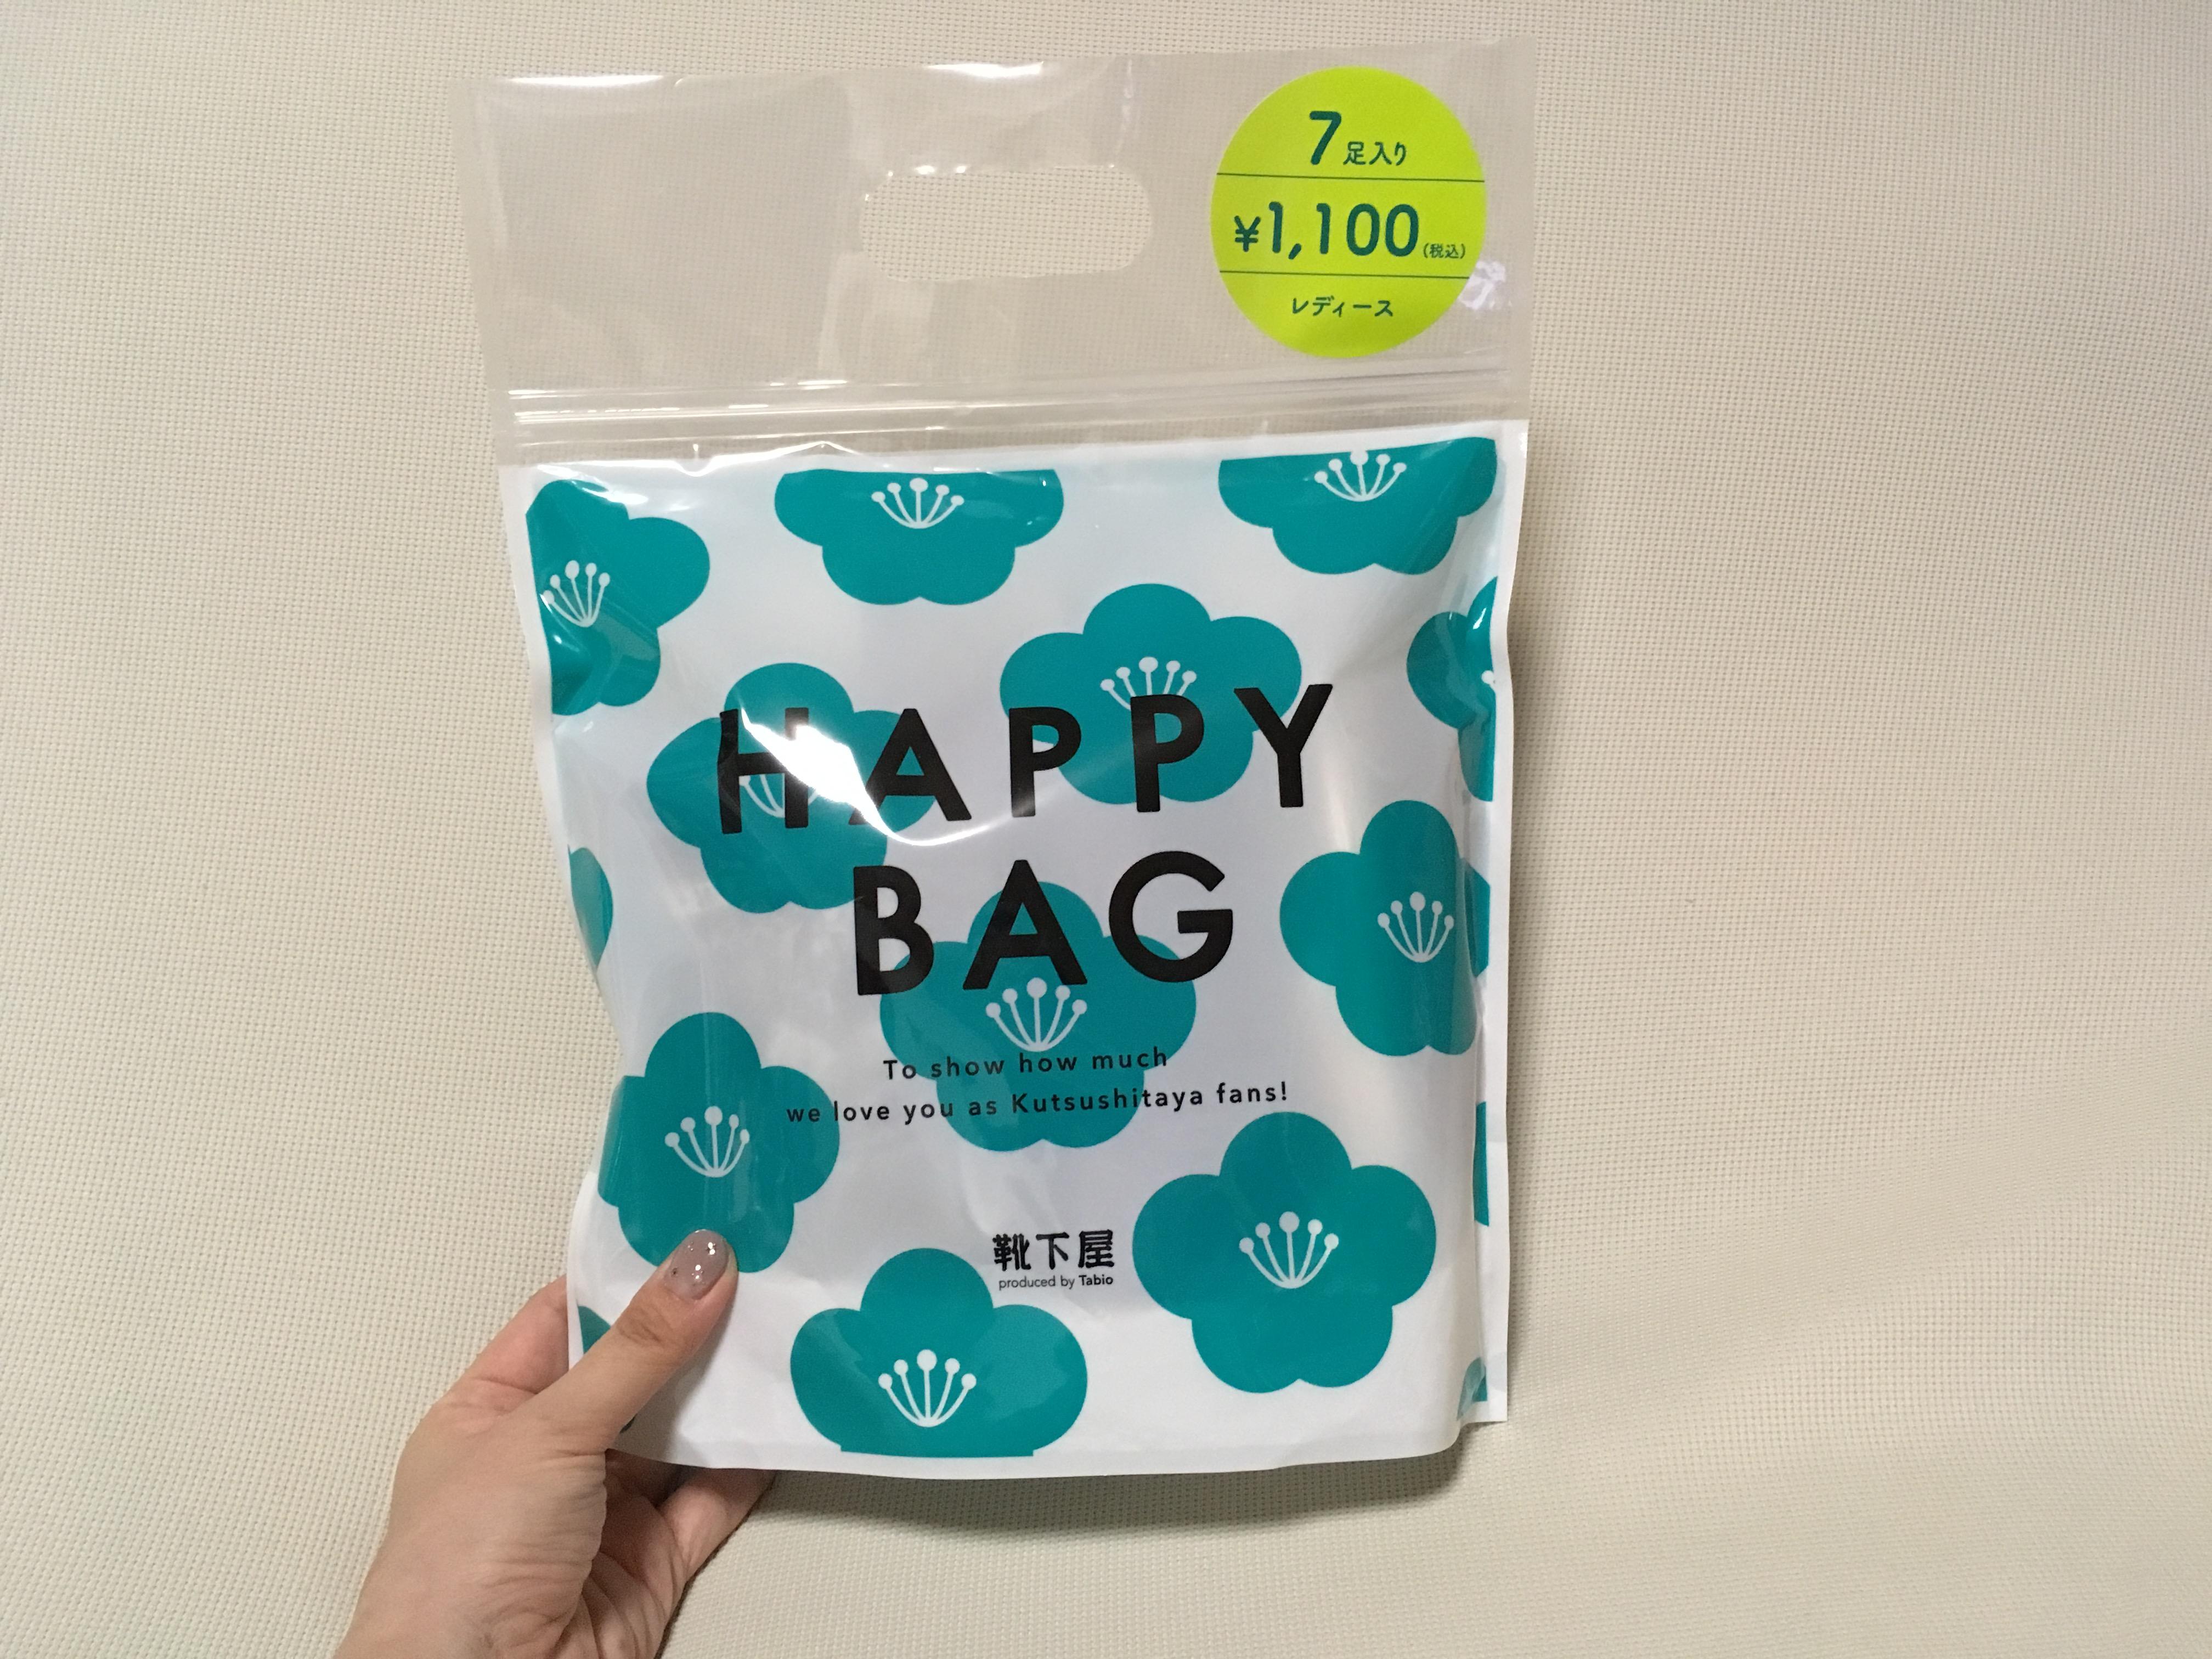 【福袋2020】靴下屋1,100円のハッピーバッグ